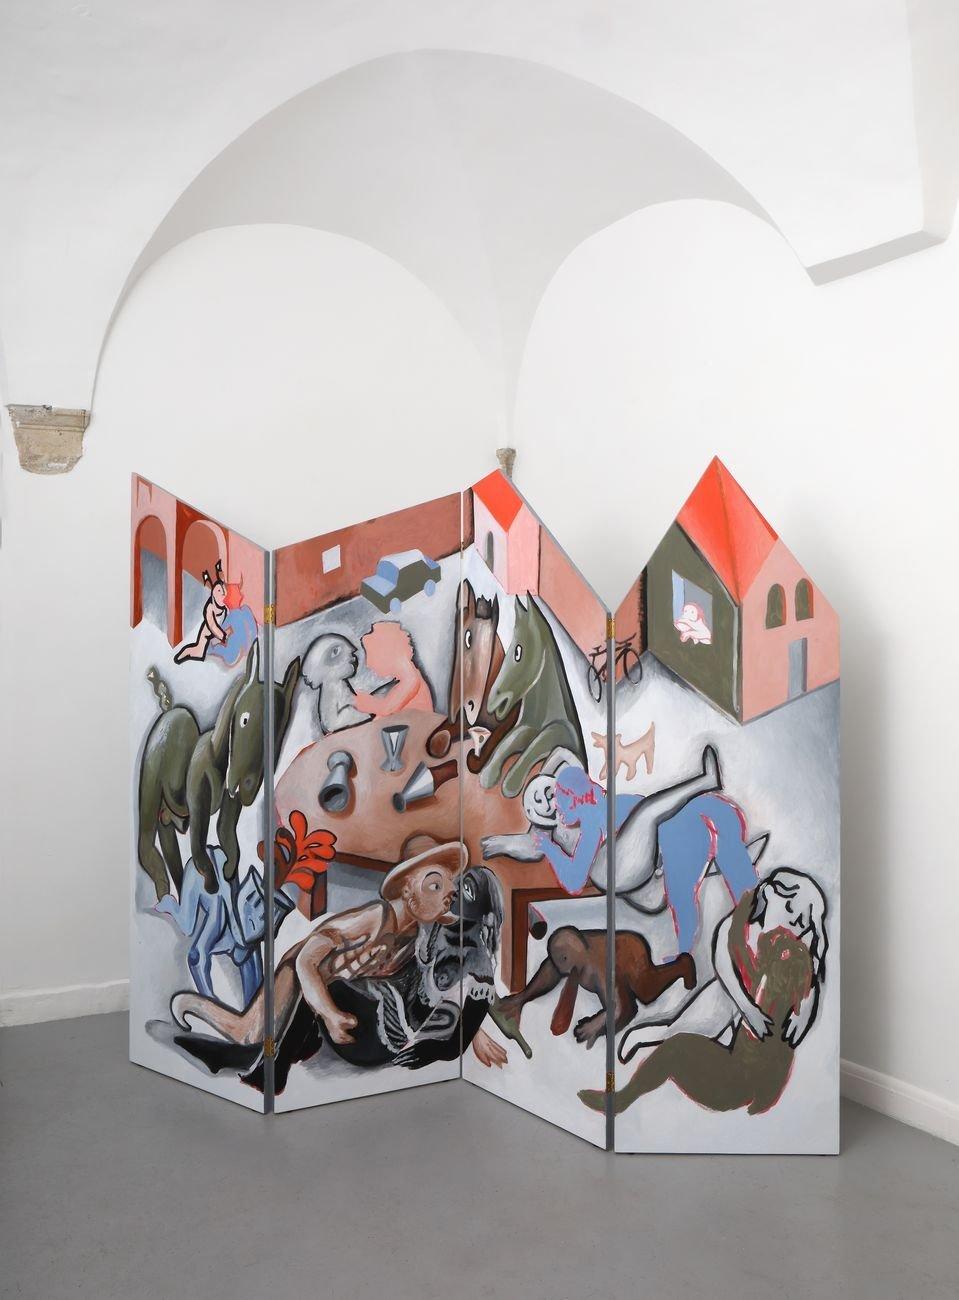 Giovanni Copelli, Scherzo (fronte), 2019, olio e acrilico su tavola, cm 175x220x2. Installation view at Operativa, Roma